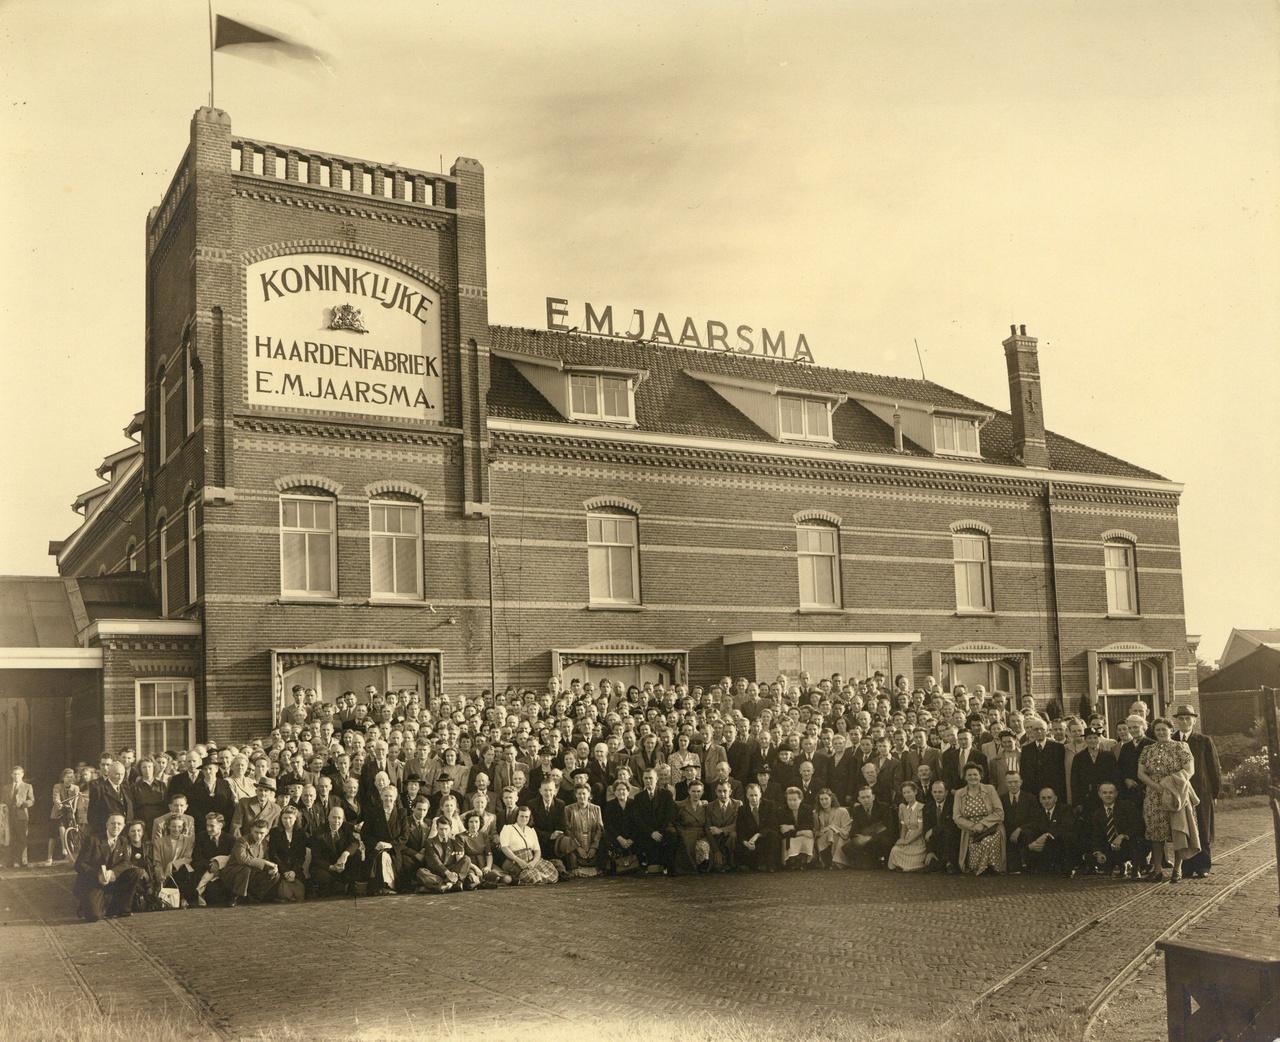 11/13 - Het personeel voor het gebouw van E.M. Jaarsma in 1958. Bron: Gooienvechthistorisch.nl.